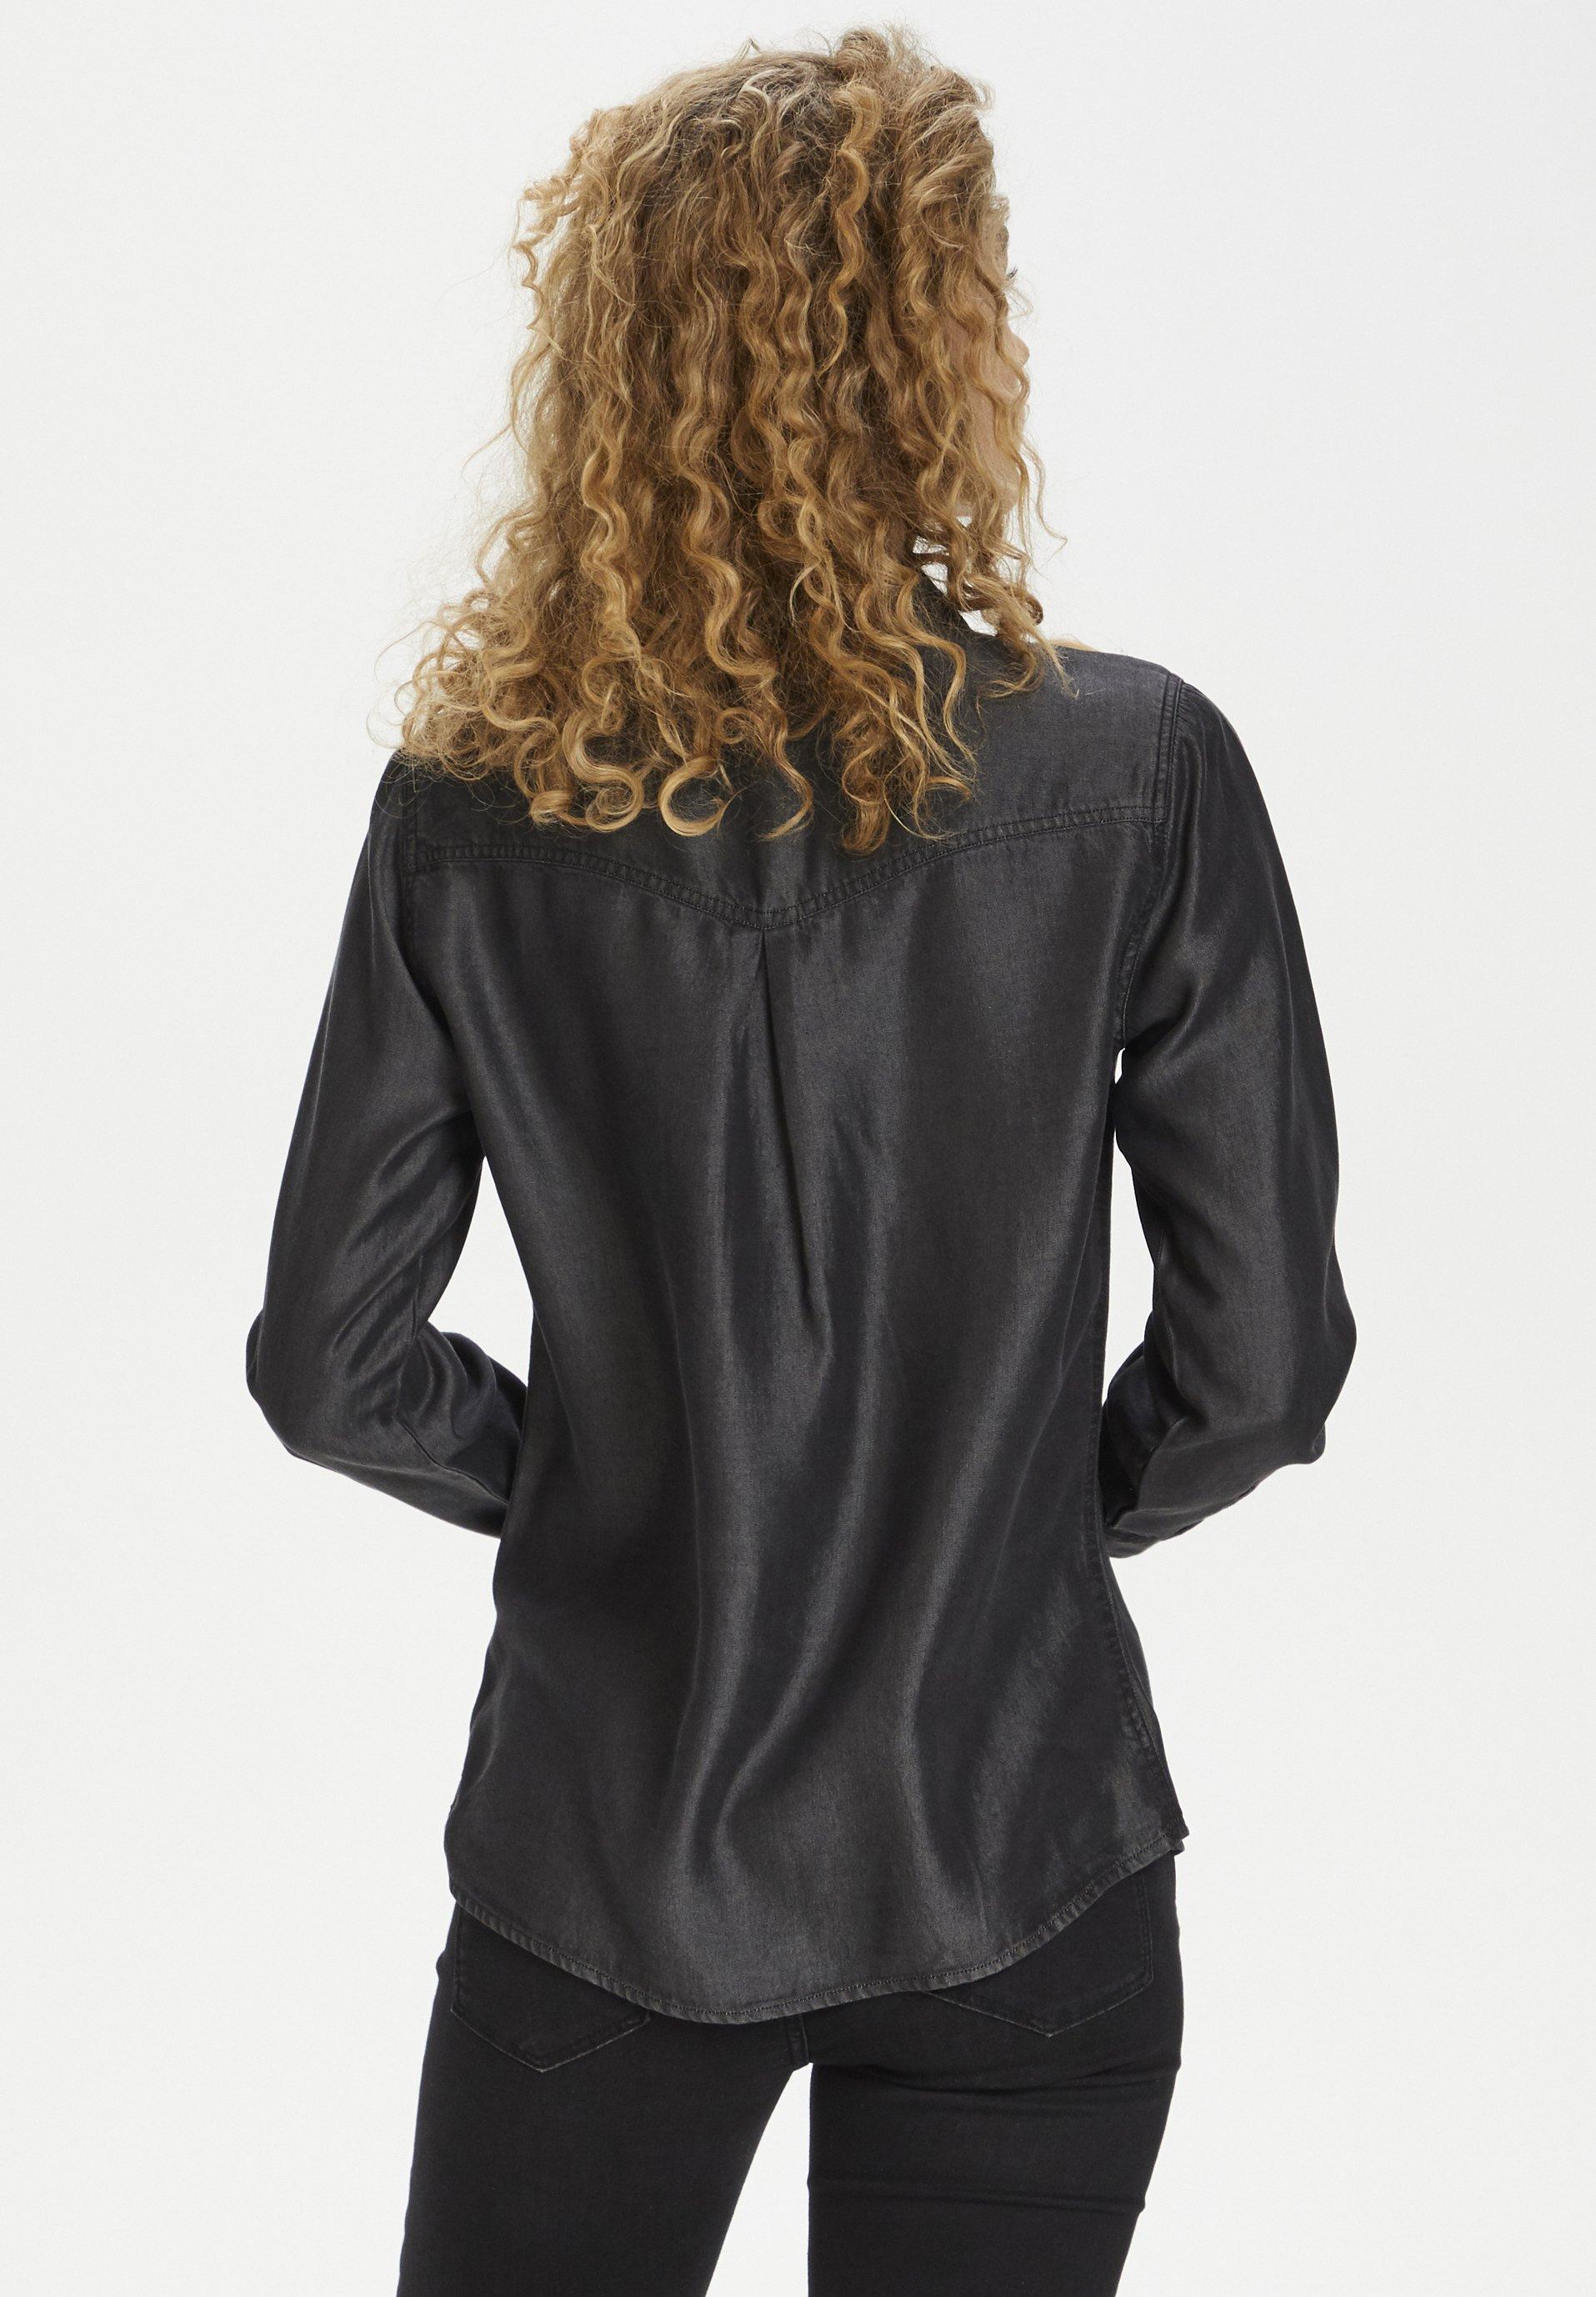 Denim Hunter Camisa - grey wash CrxKb